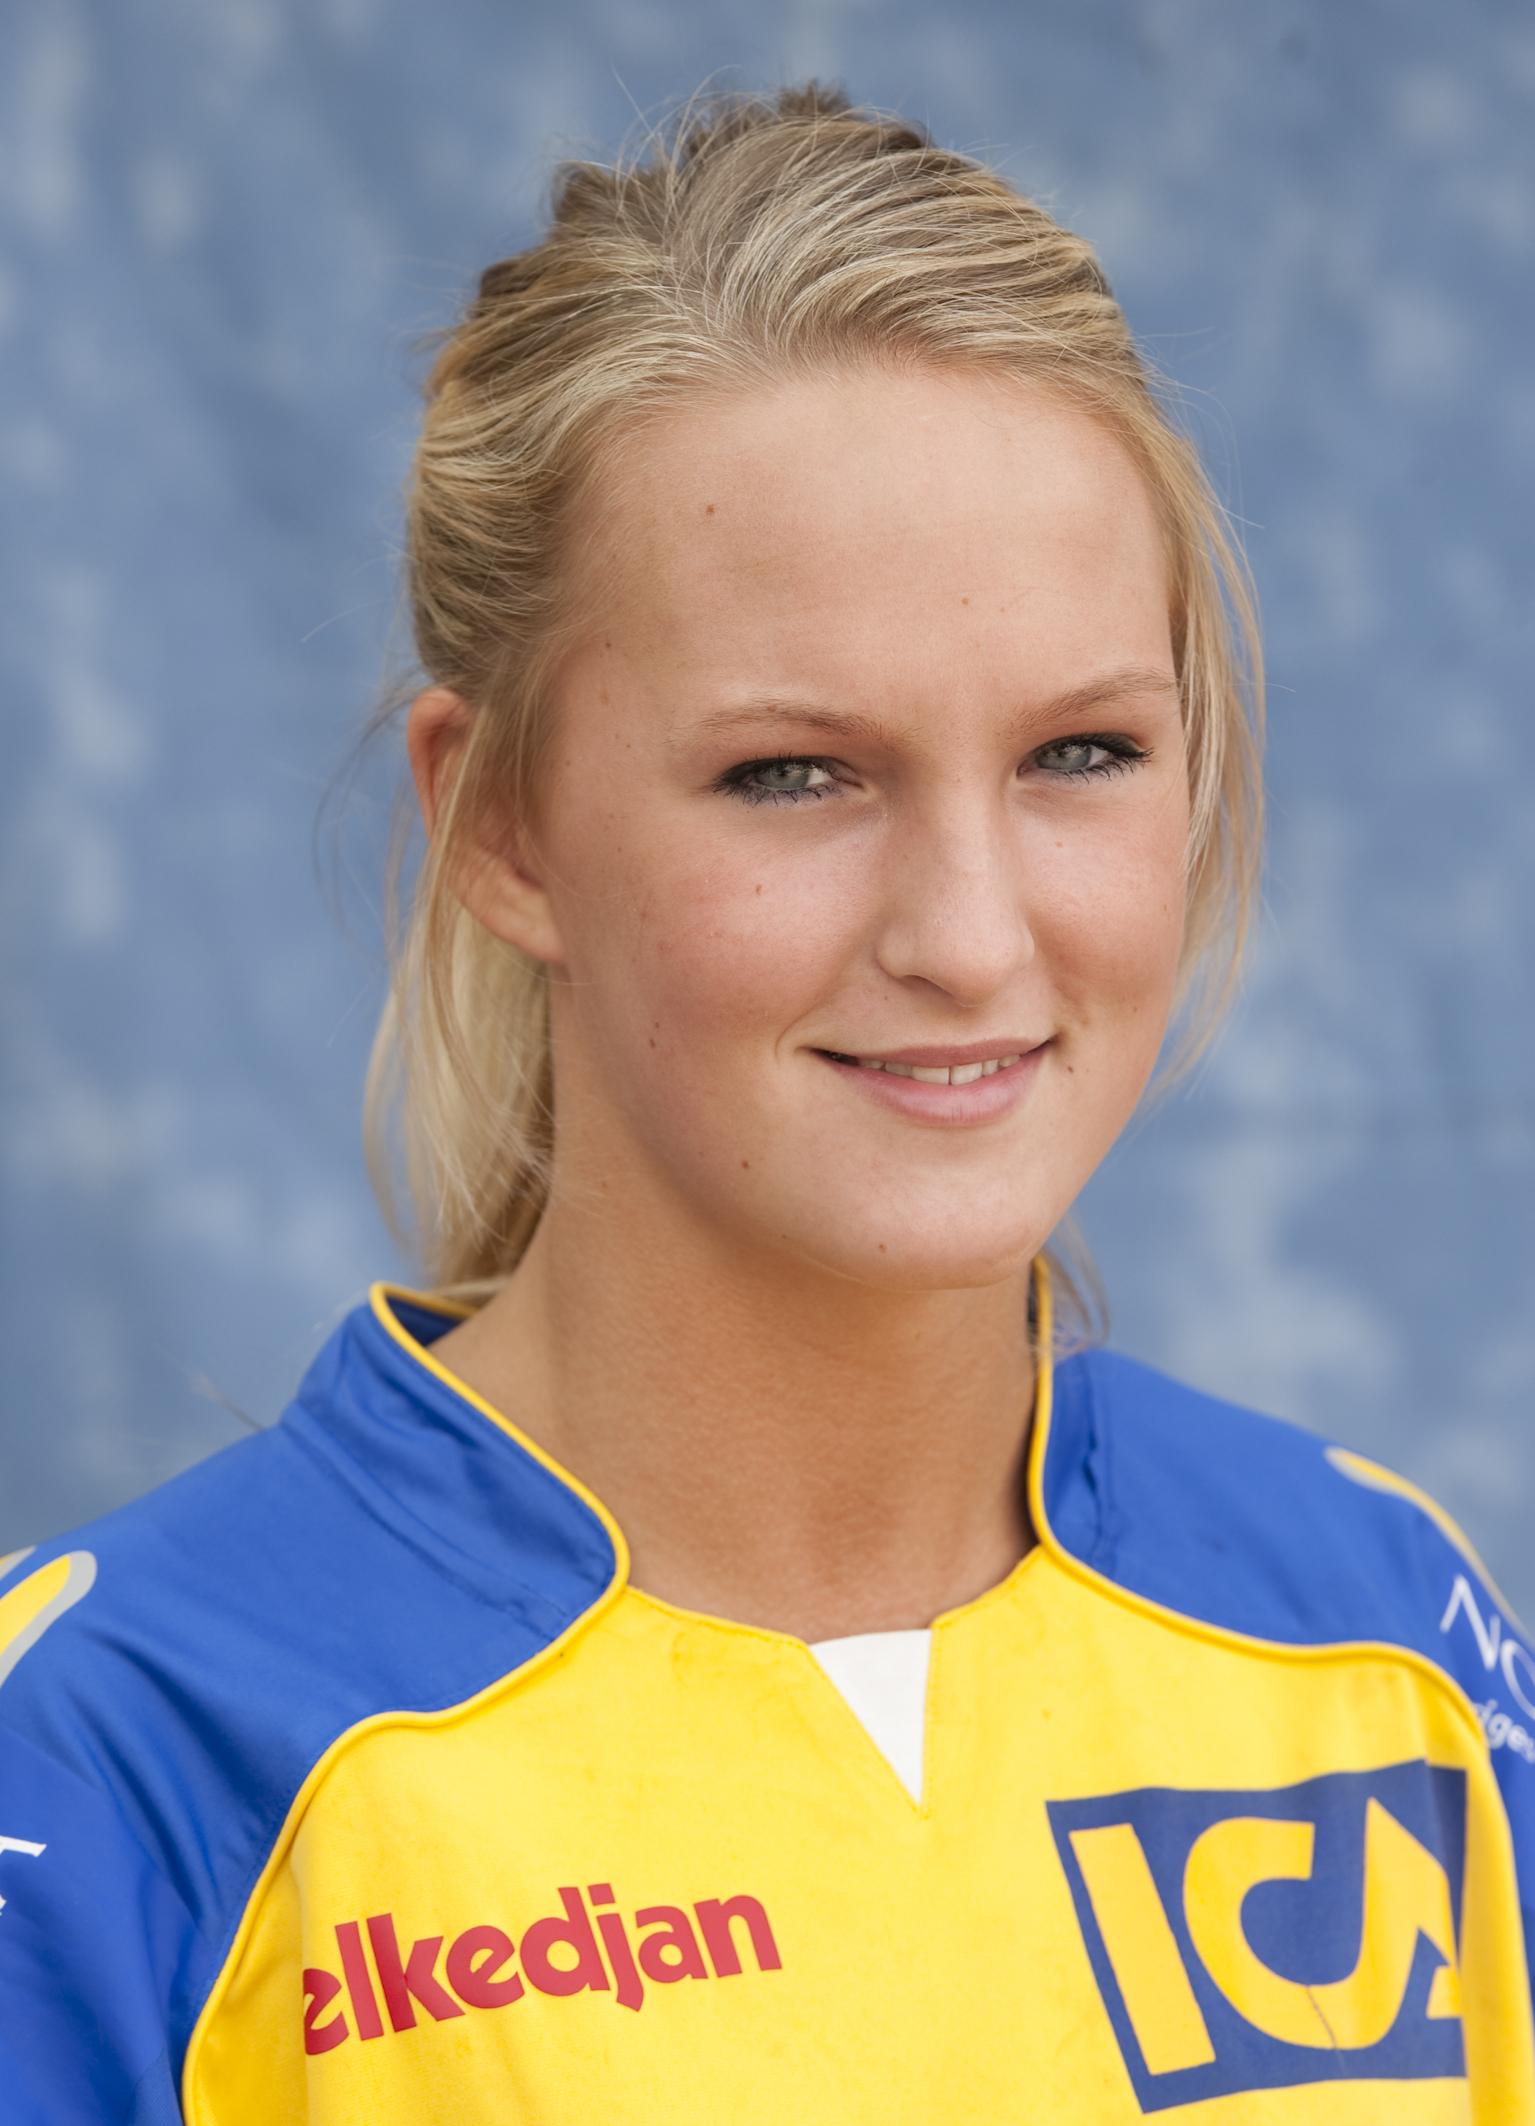 Vanessa TellenmarkJPG